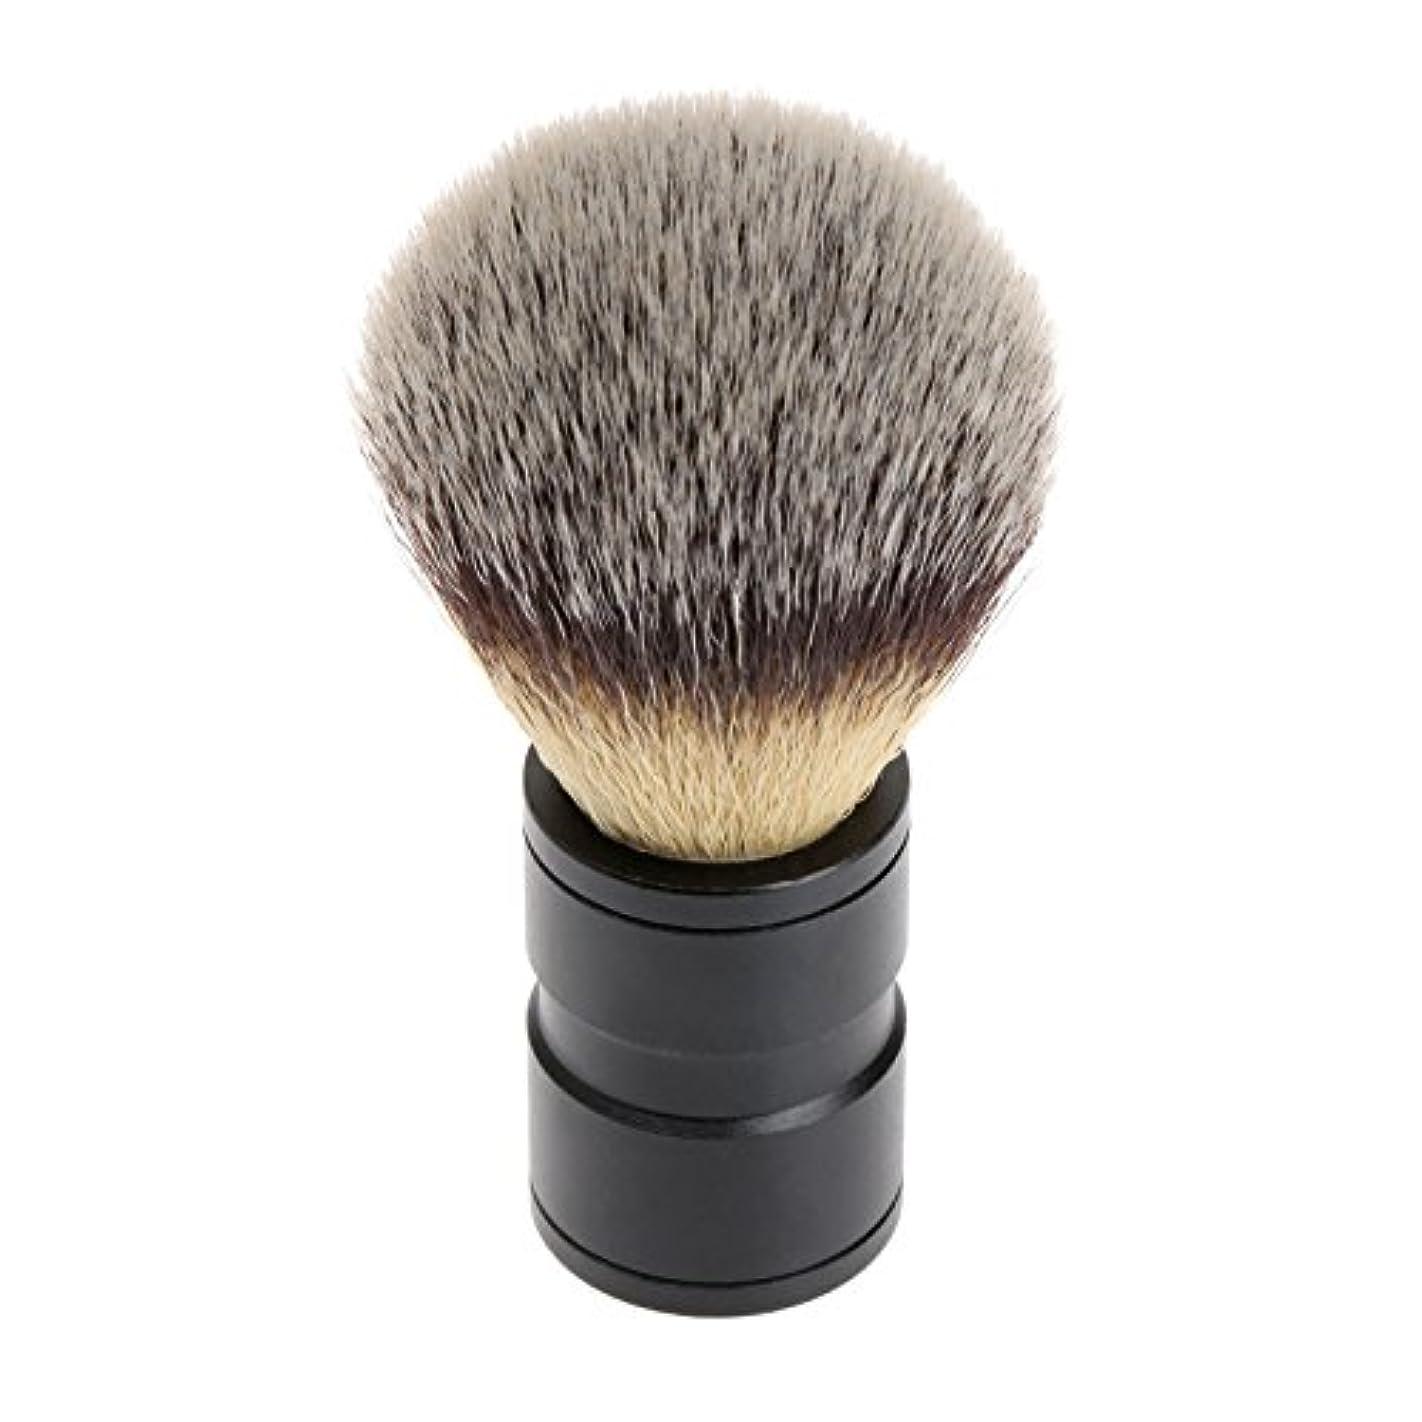 言い直す排他的父方のシェービング ブラシ 理容 洗顔 髭剃り マッサージ 効果 ナイロン毛 メンズ